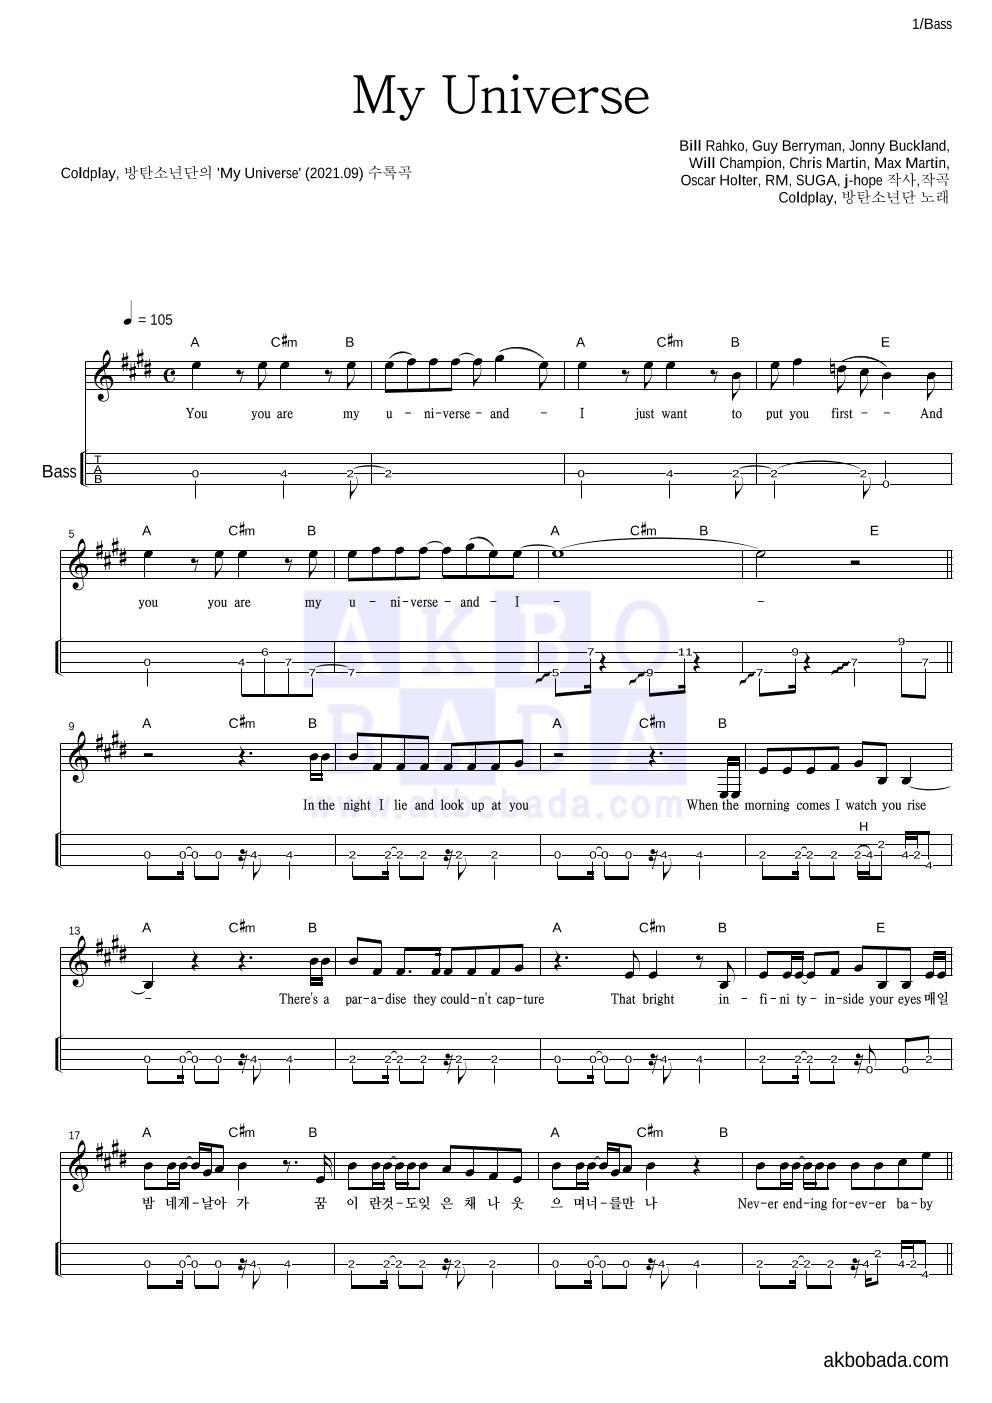 Coldplay,방탄소년단 - My Universe 베이스(Tab) 악보